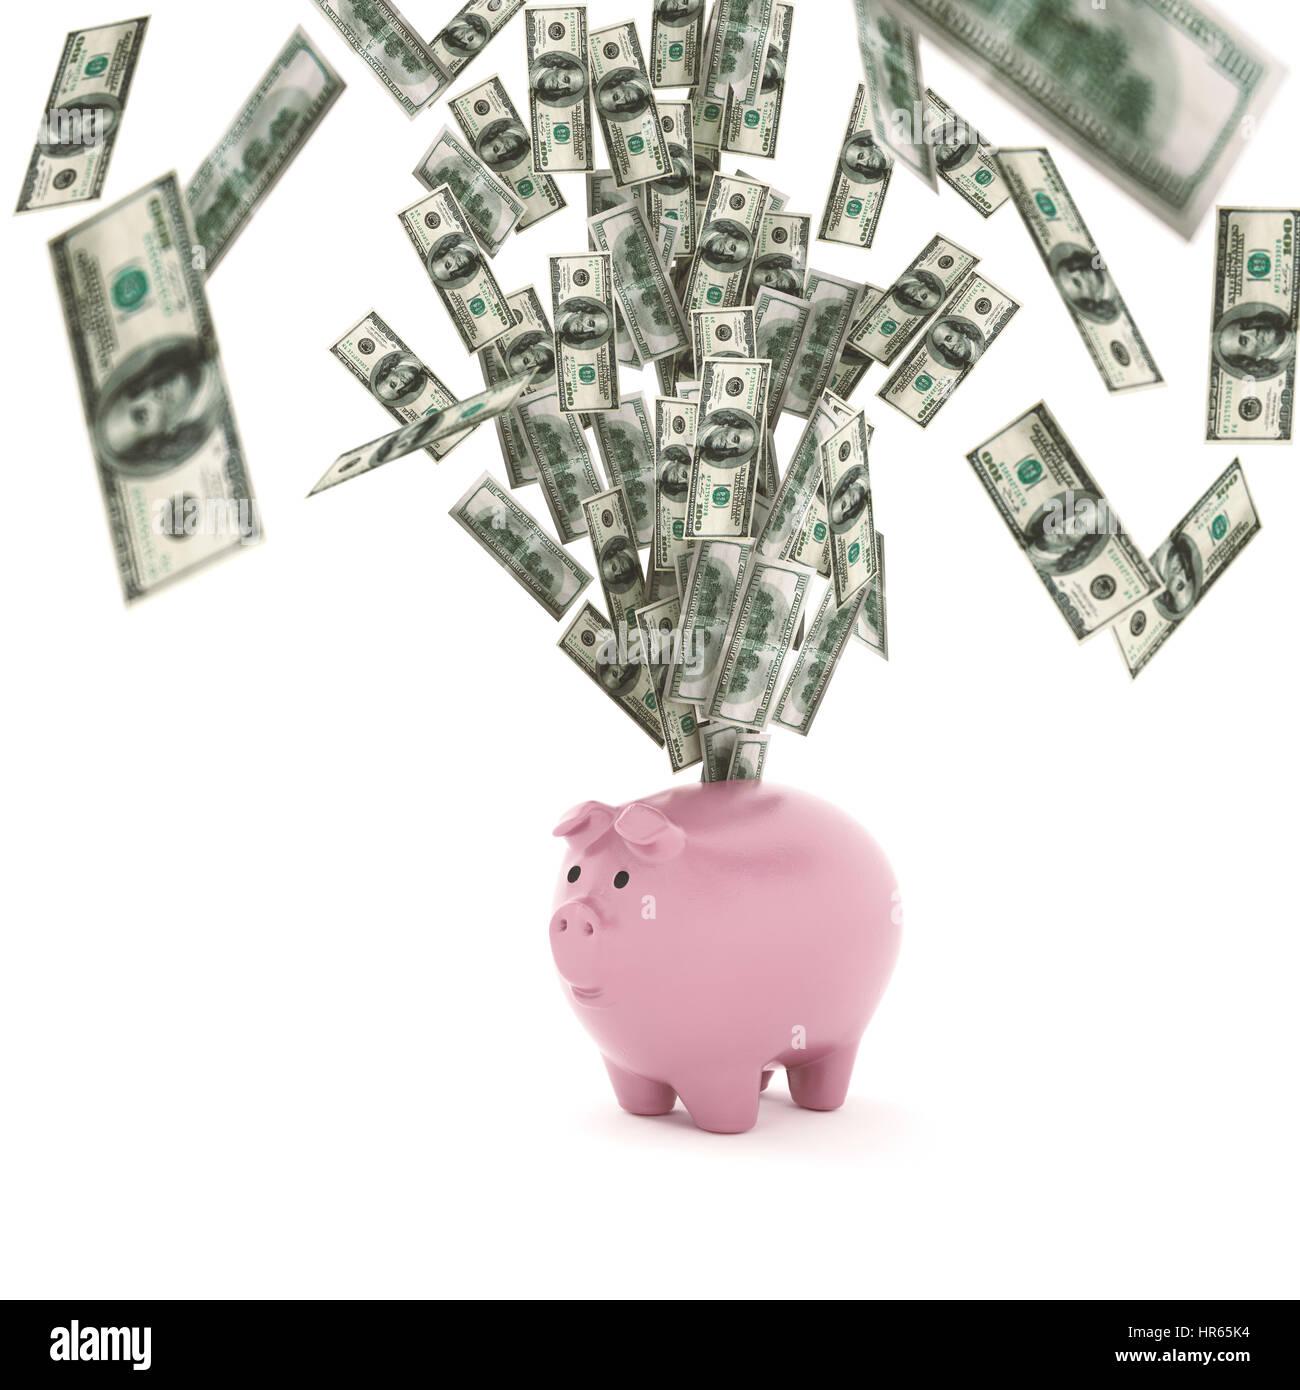 Wirtschaftlichen Wohlstand Konzept 3D-Rendering Stockbild